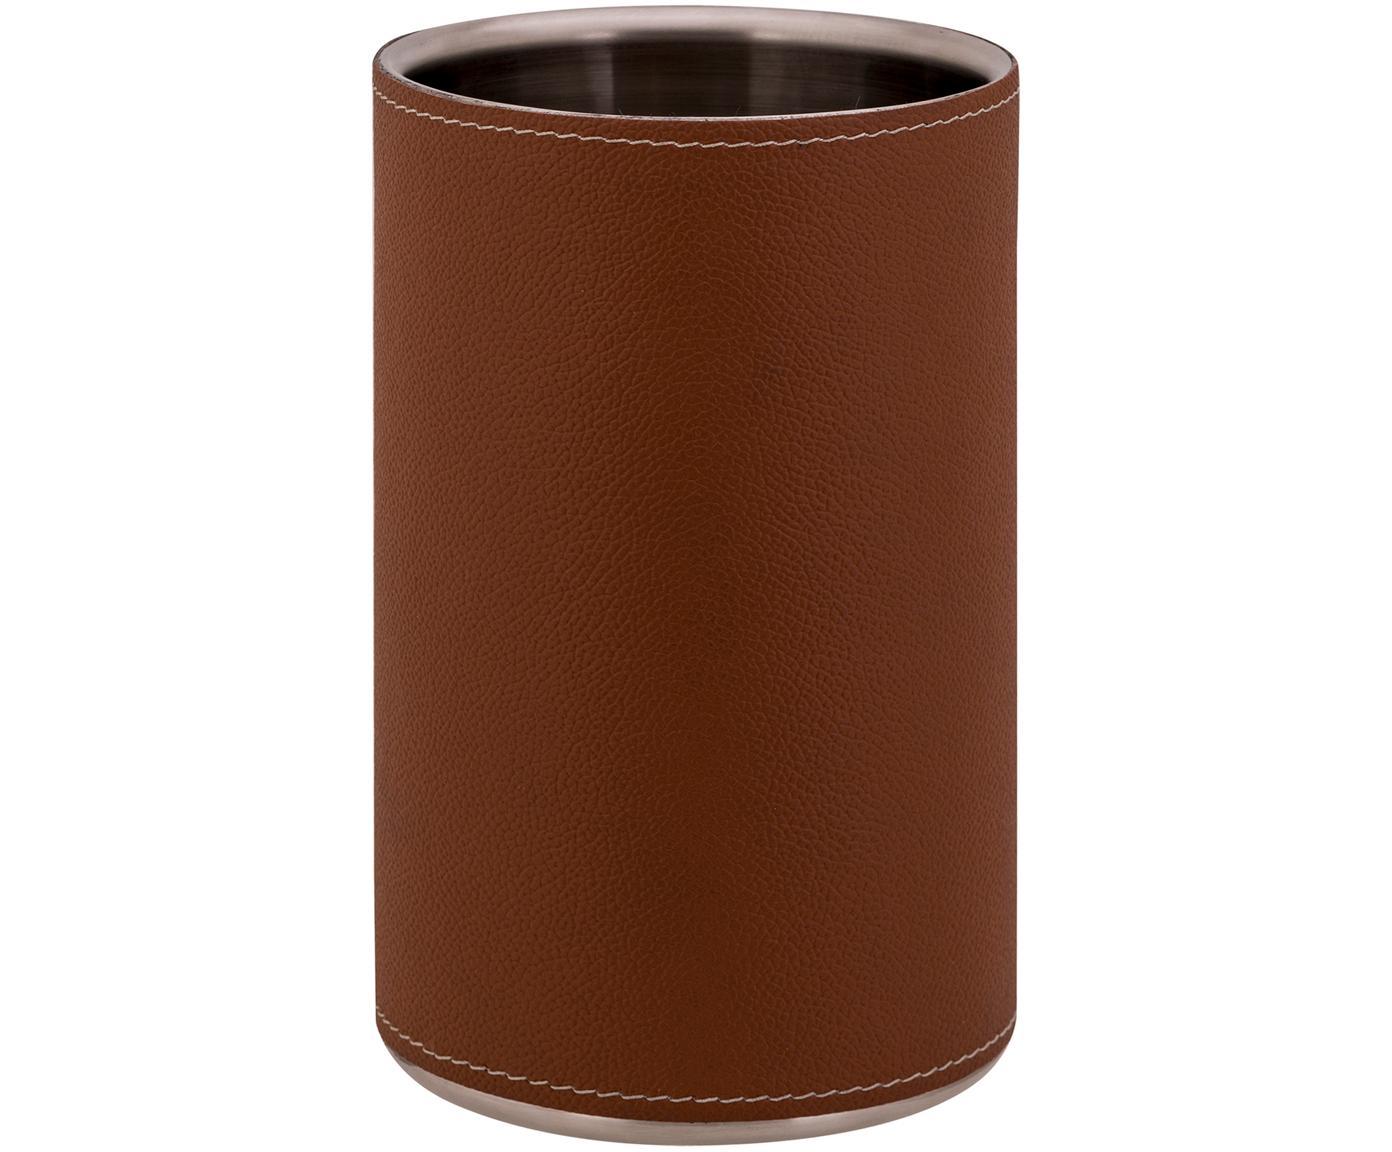 Flessenkoeler Lahore met bruin leer, Bekleding: leer, Bruin, staal, Ø 12 cm